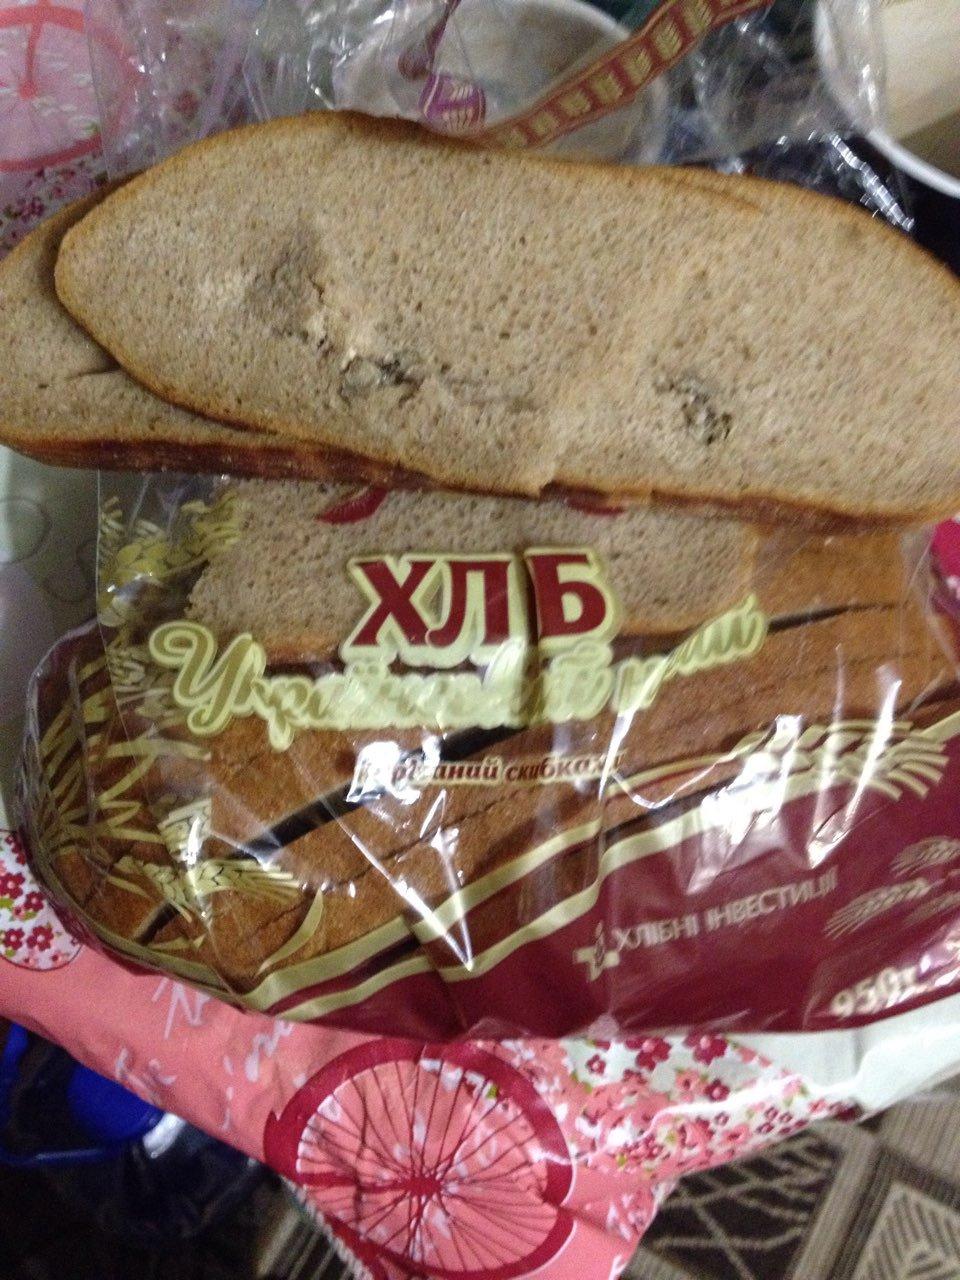 Хлеб ТМ Цар хліб - цар хлеб